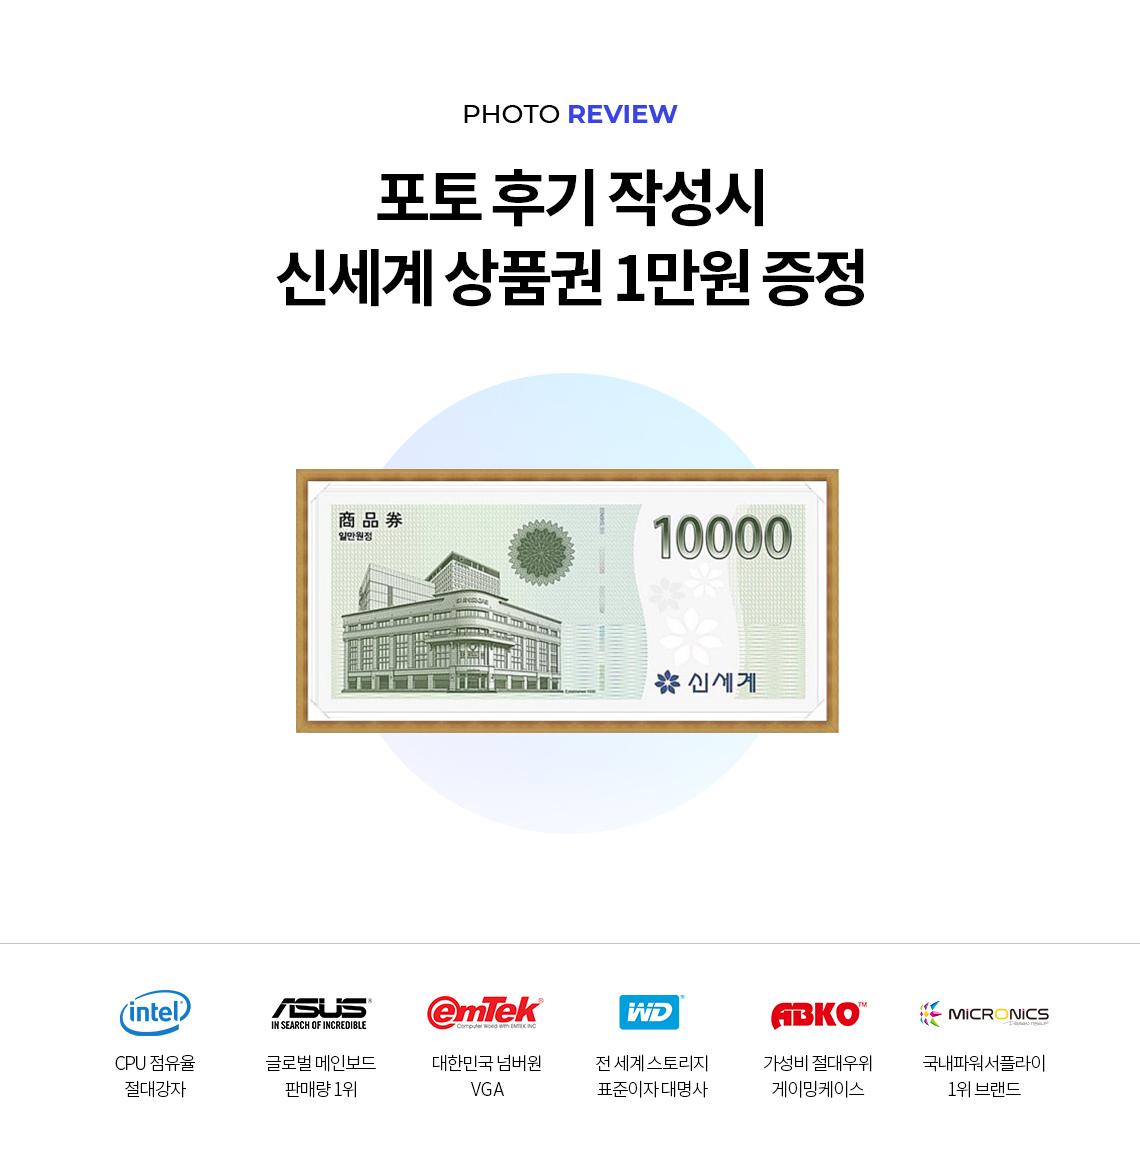 포토 후기 작성시 신세계 상품권 1만원 증정